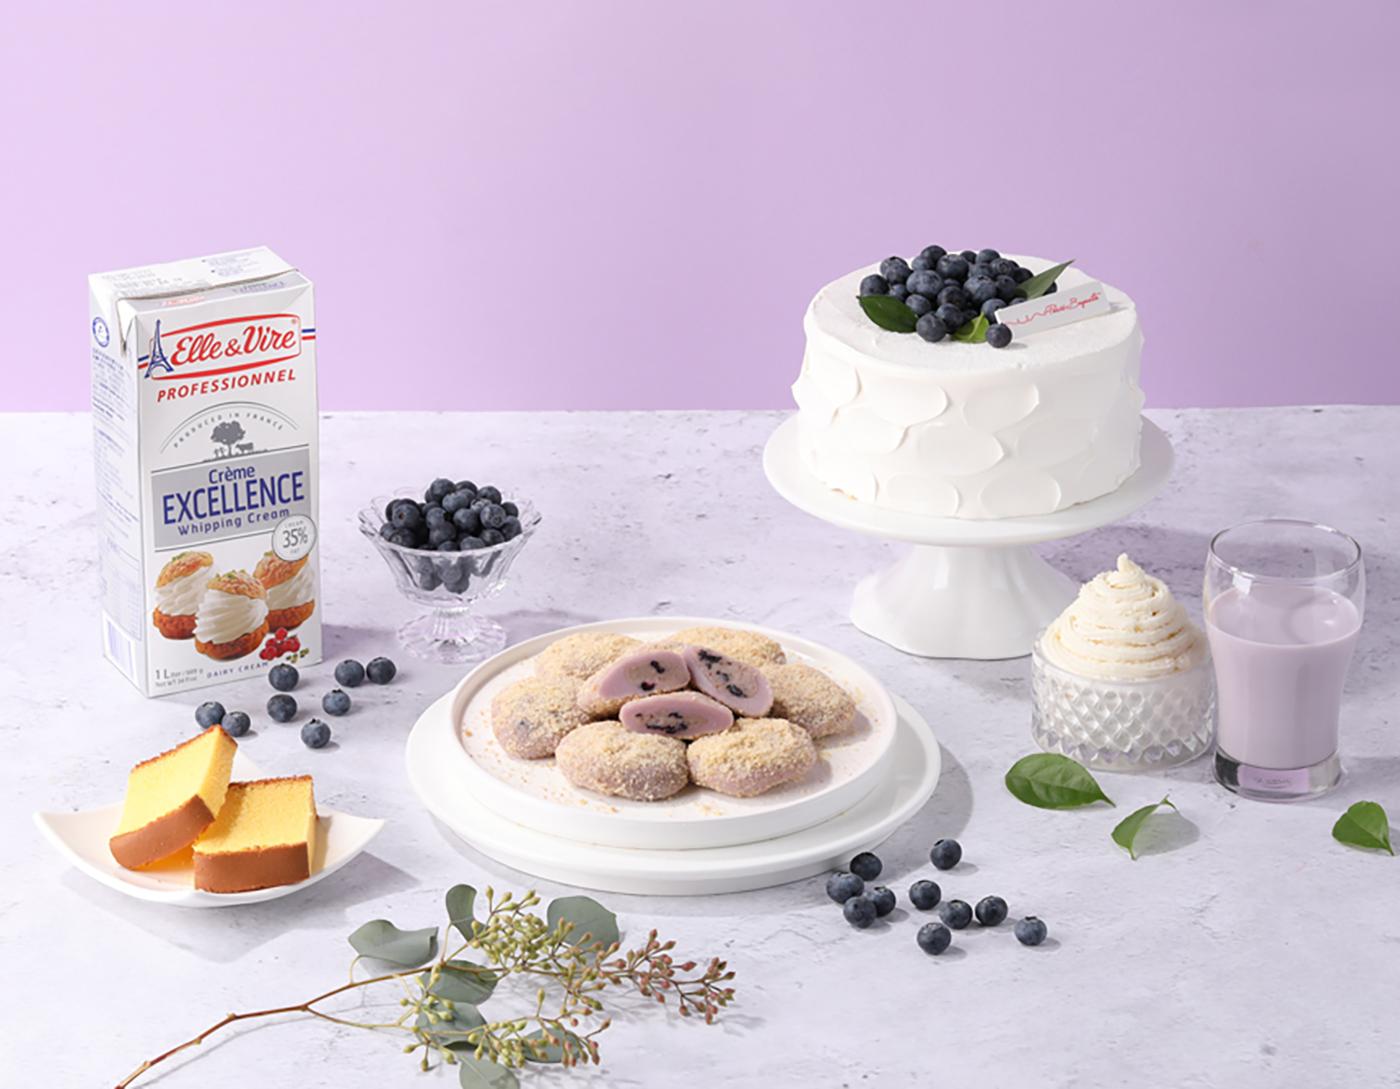 굳지 않는 블루베리 생크림 케익 모찌 찹쌀떡 (15입) 상세이미지1